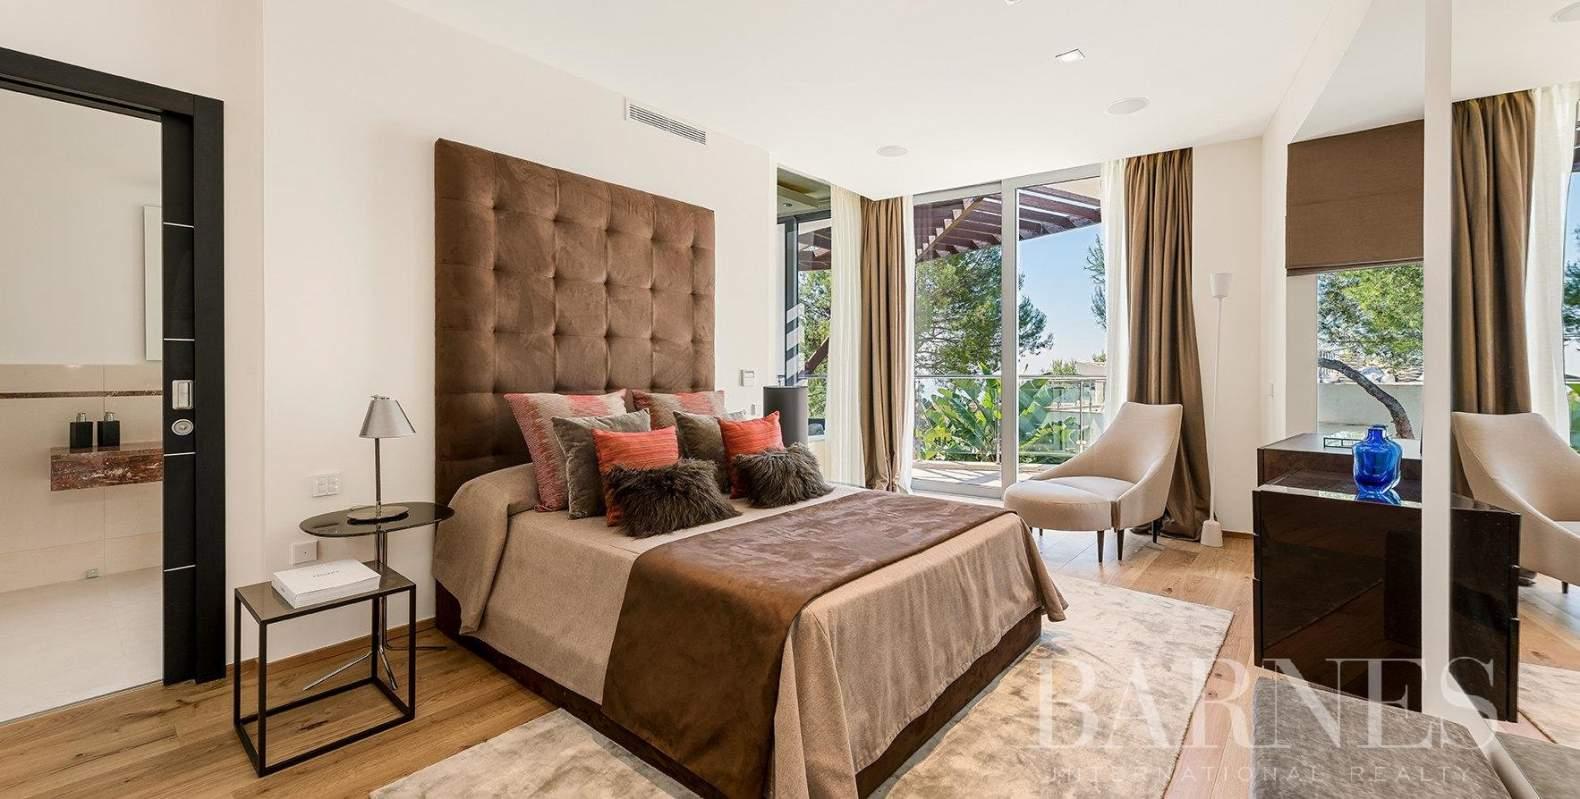 Marbella  - Villa 15 Cuartos 4 Habitaciones - picture 14